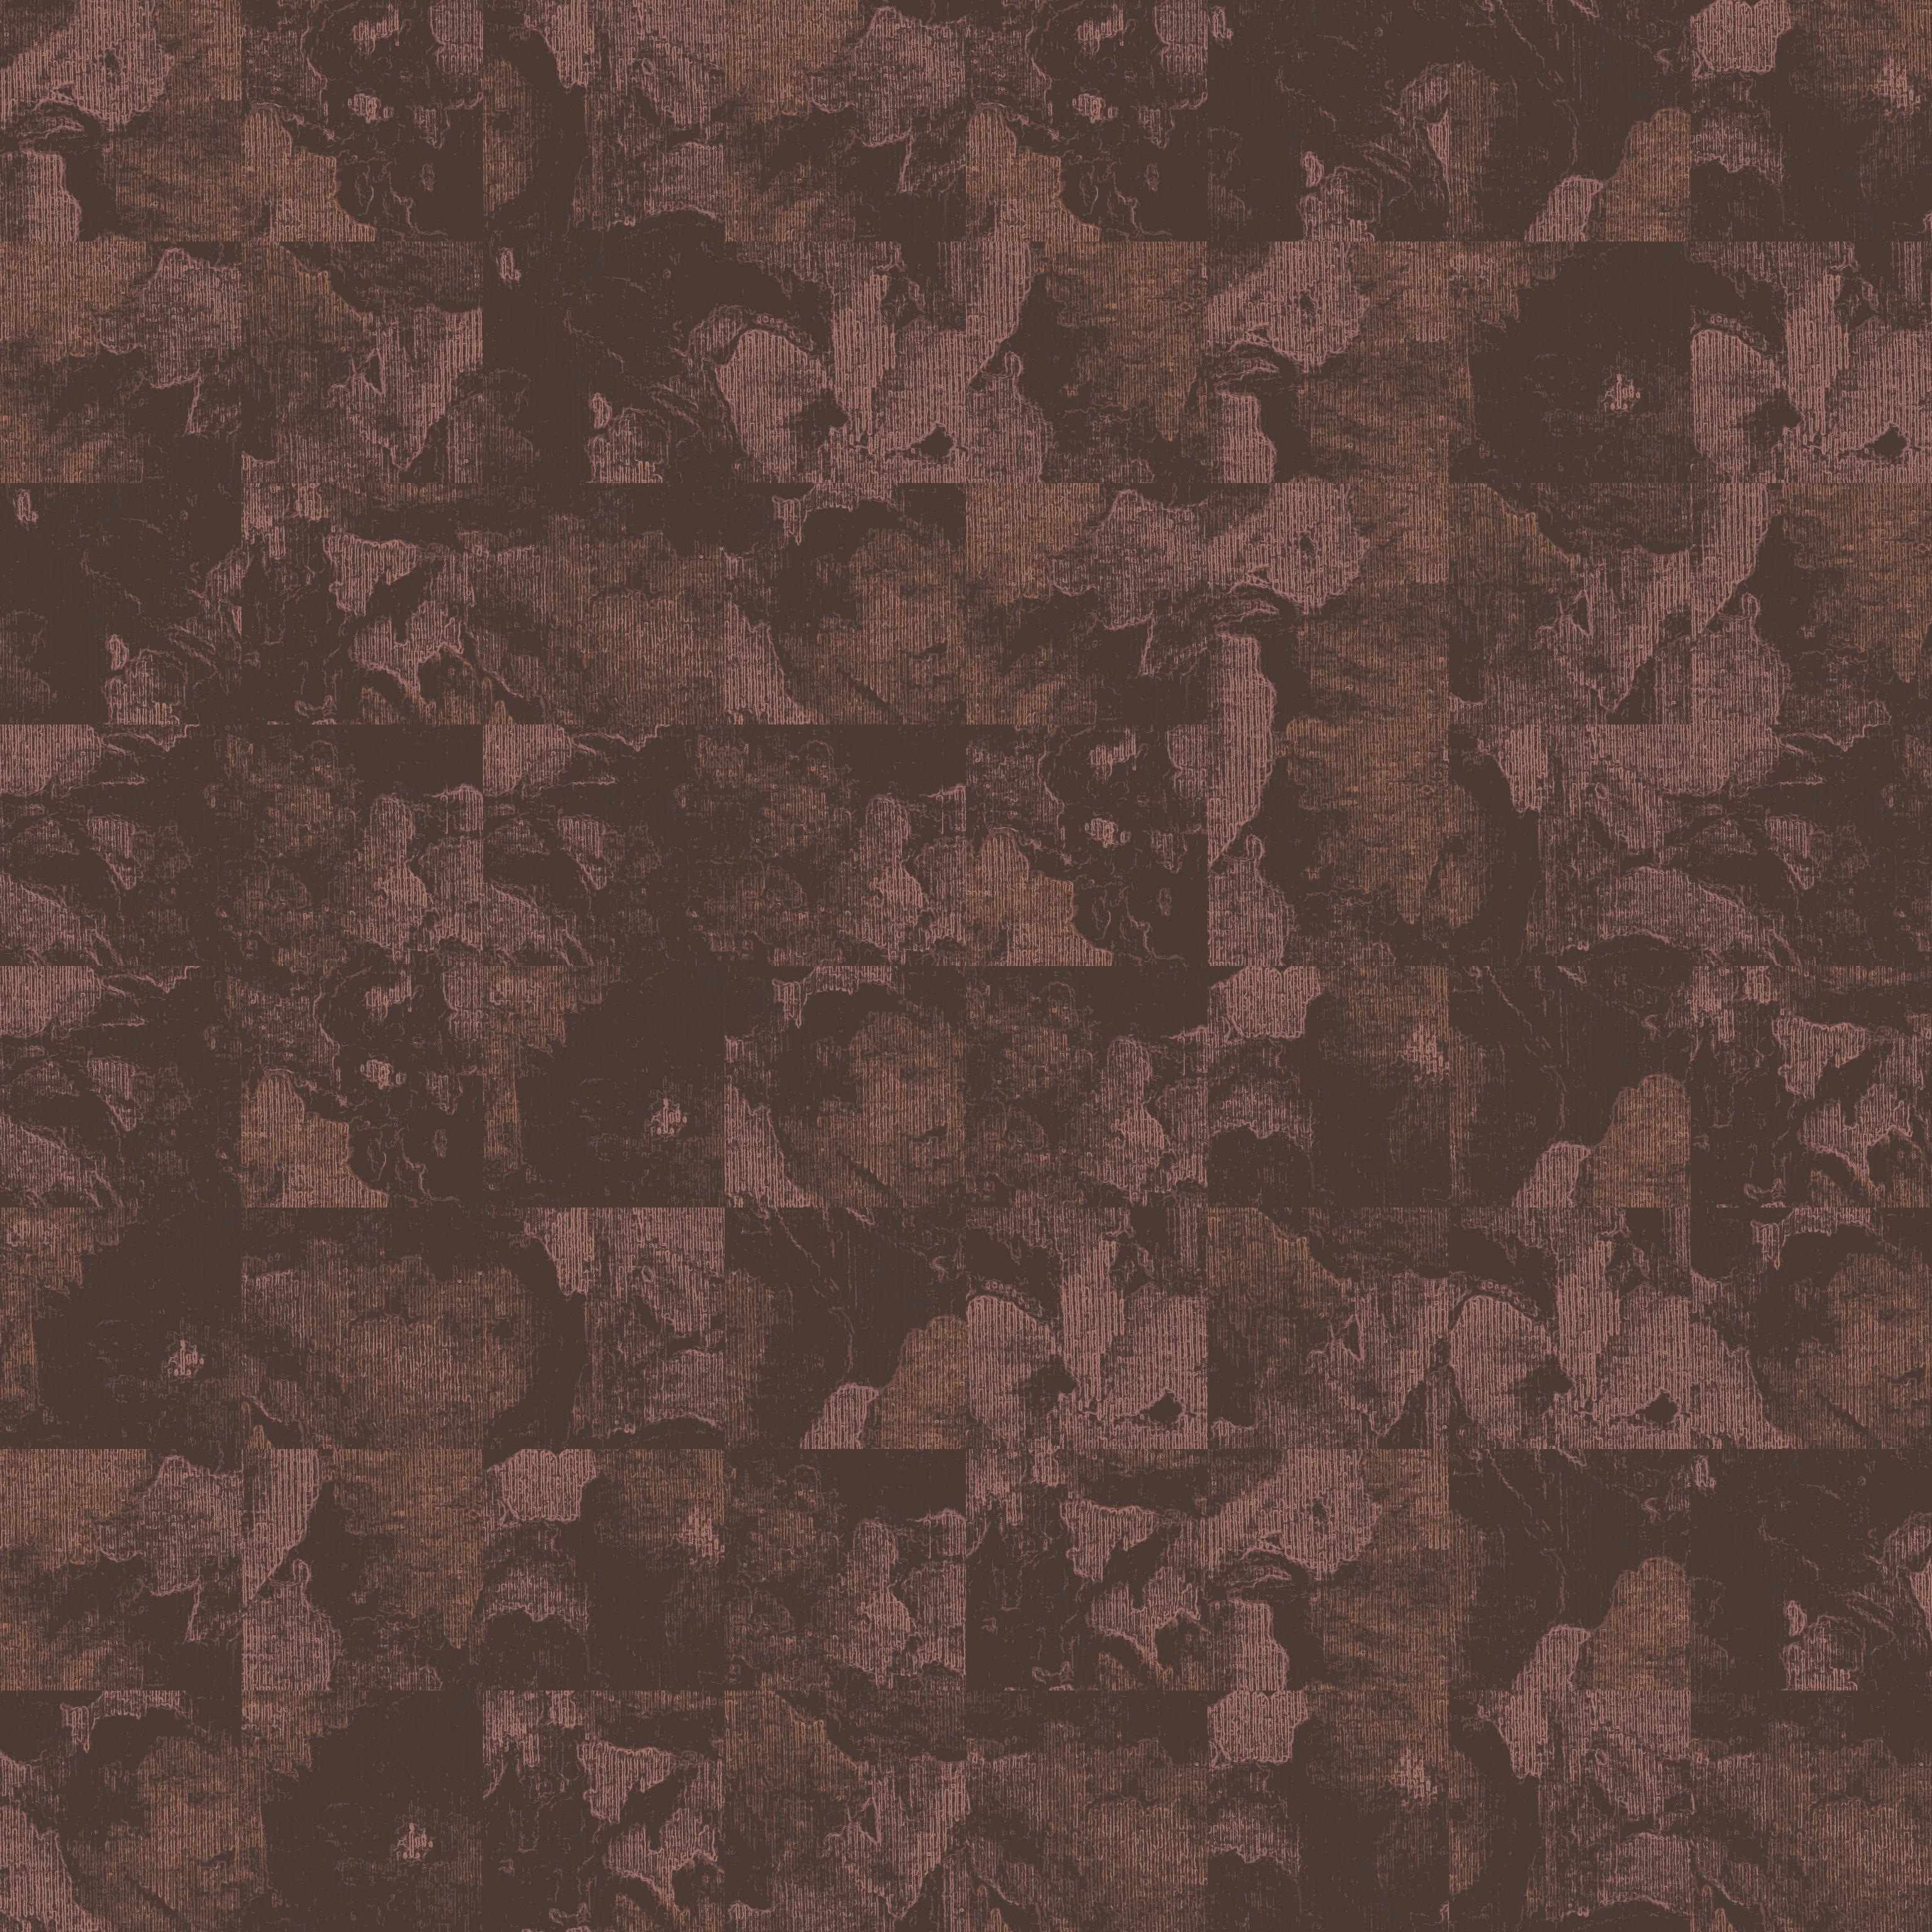 Digital Blooming, Brown